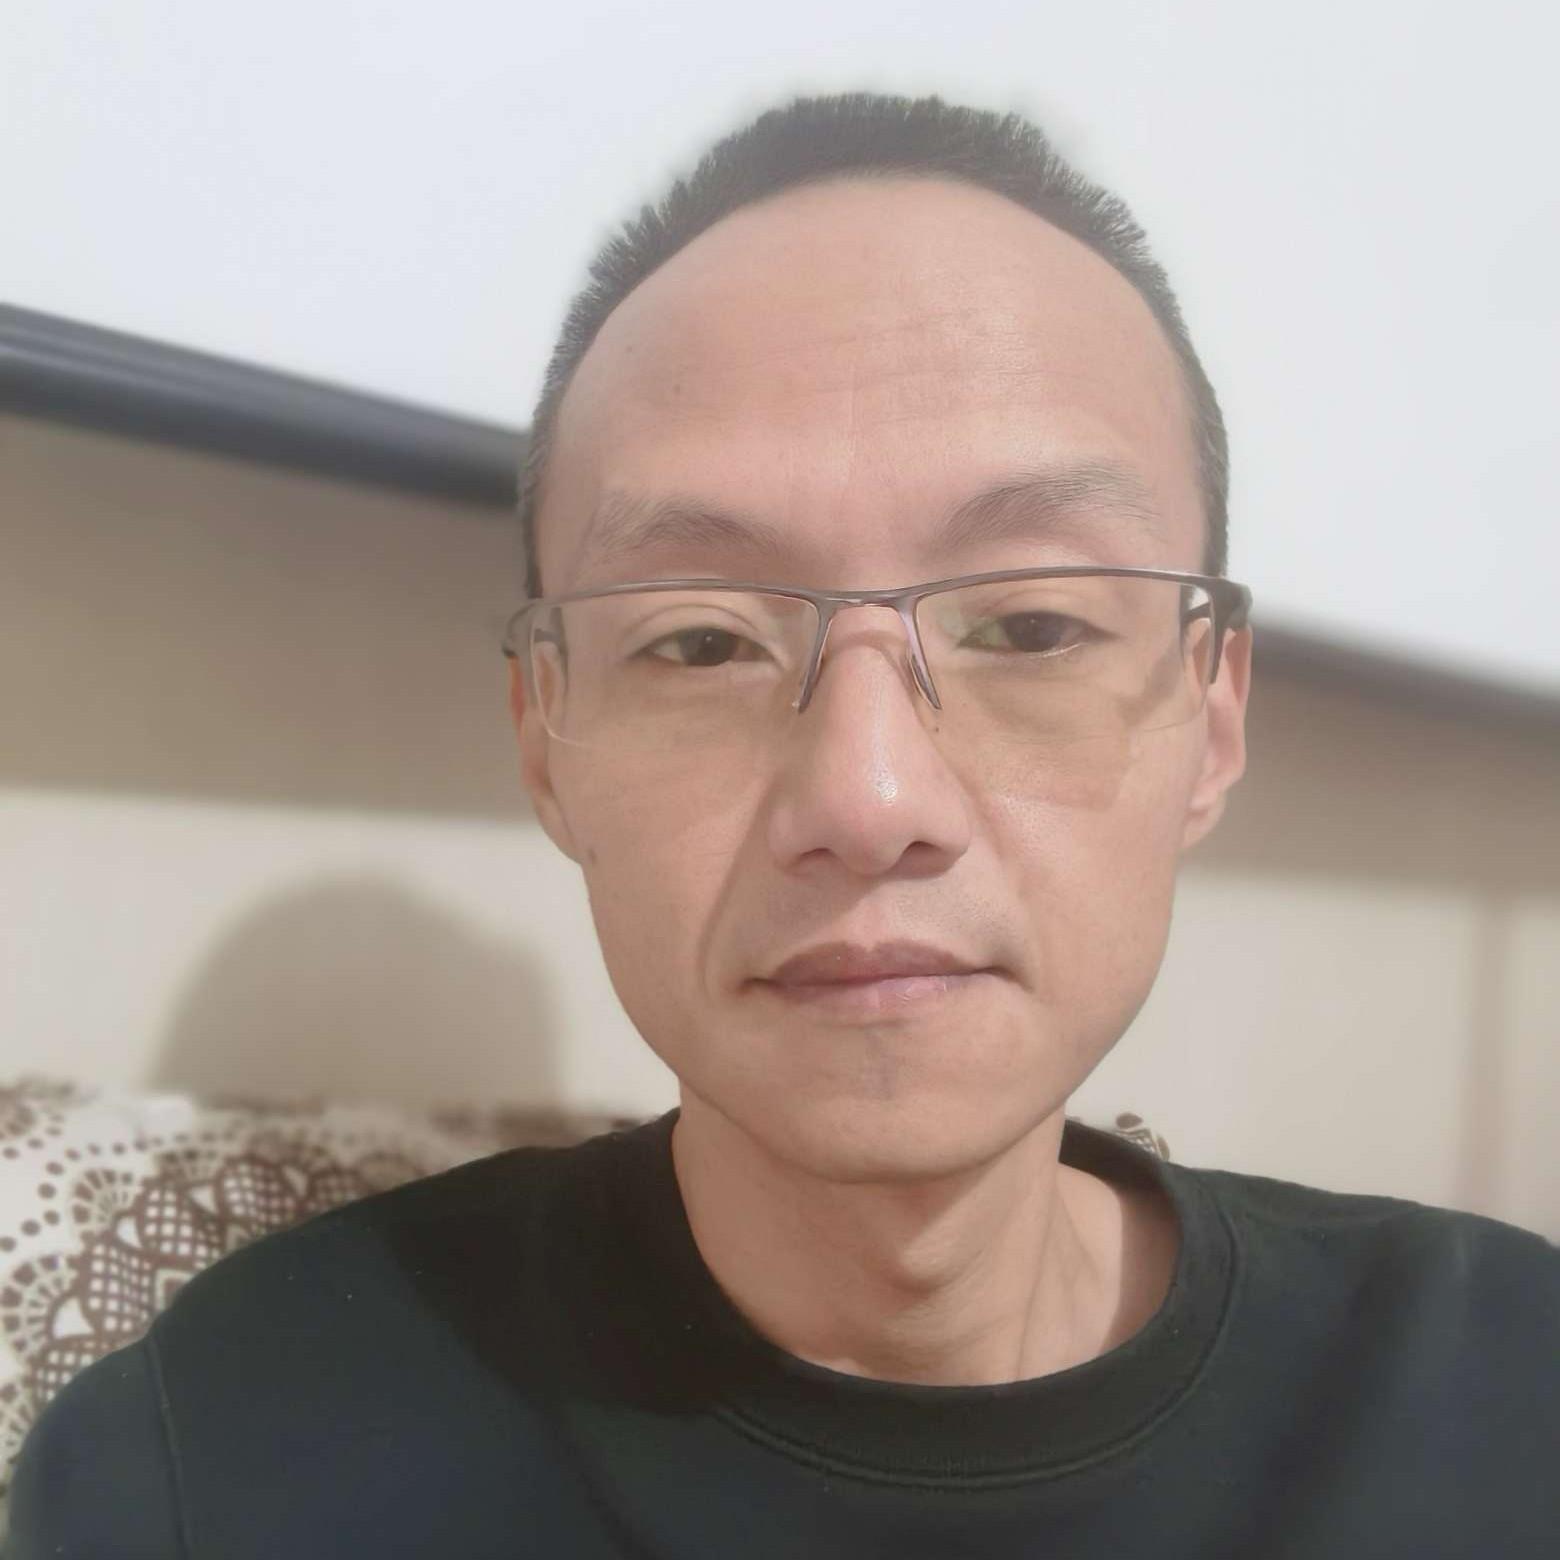 黄豆慈祥照片